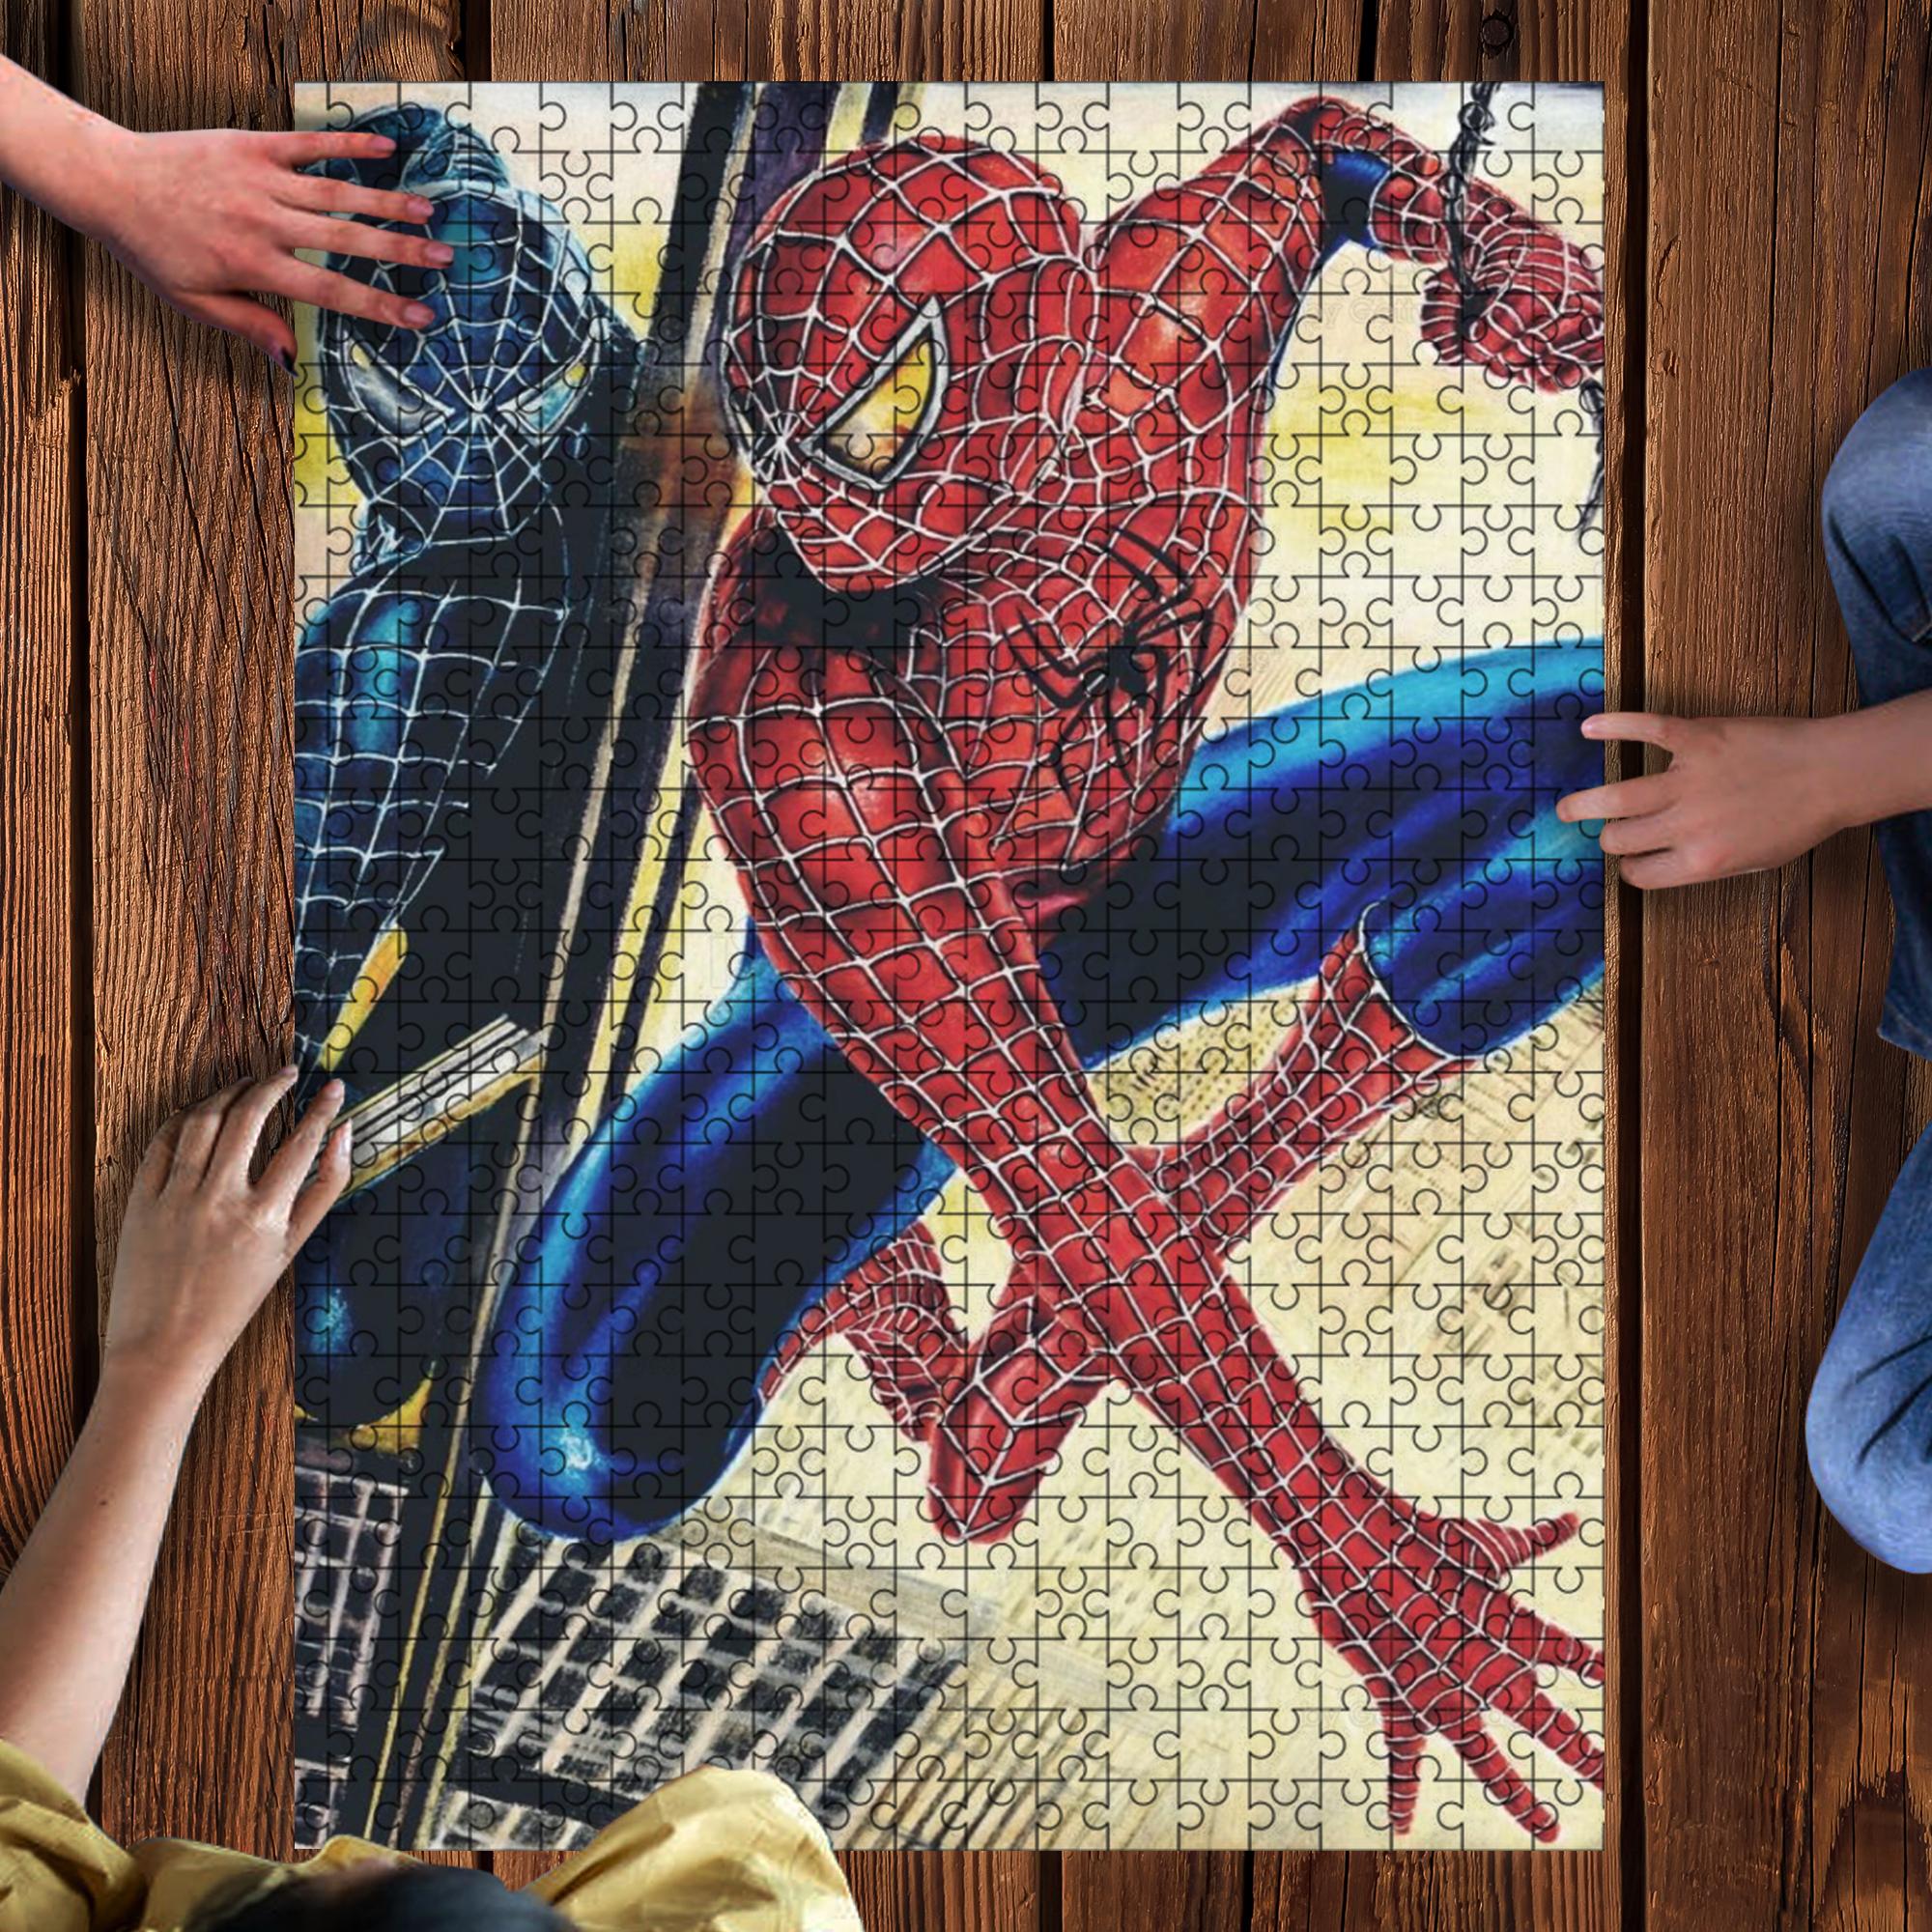 Venom spider-man 3 jigsaw puzzle 2